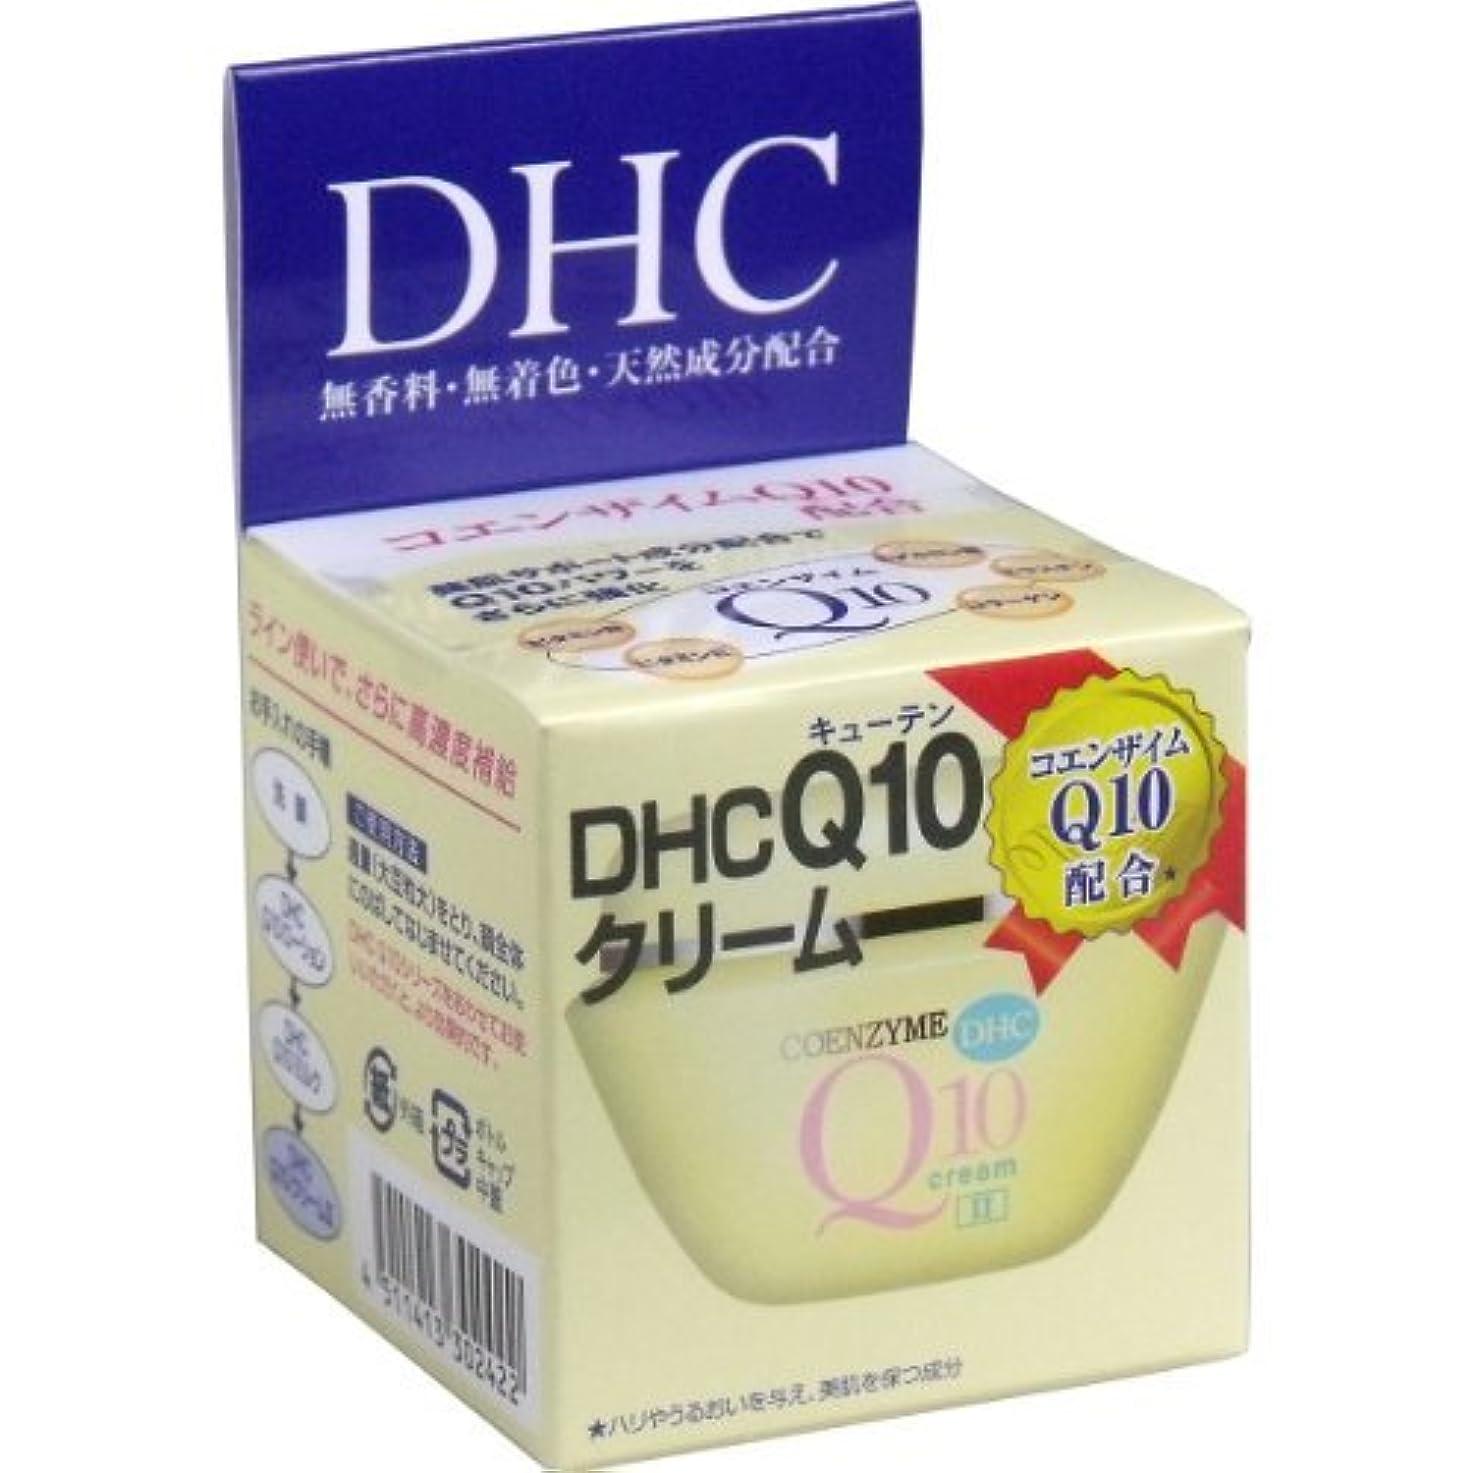 事無数の繁栄する【DHC】DHC Q10クリーム2 (SS) 20g ×5個セット